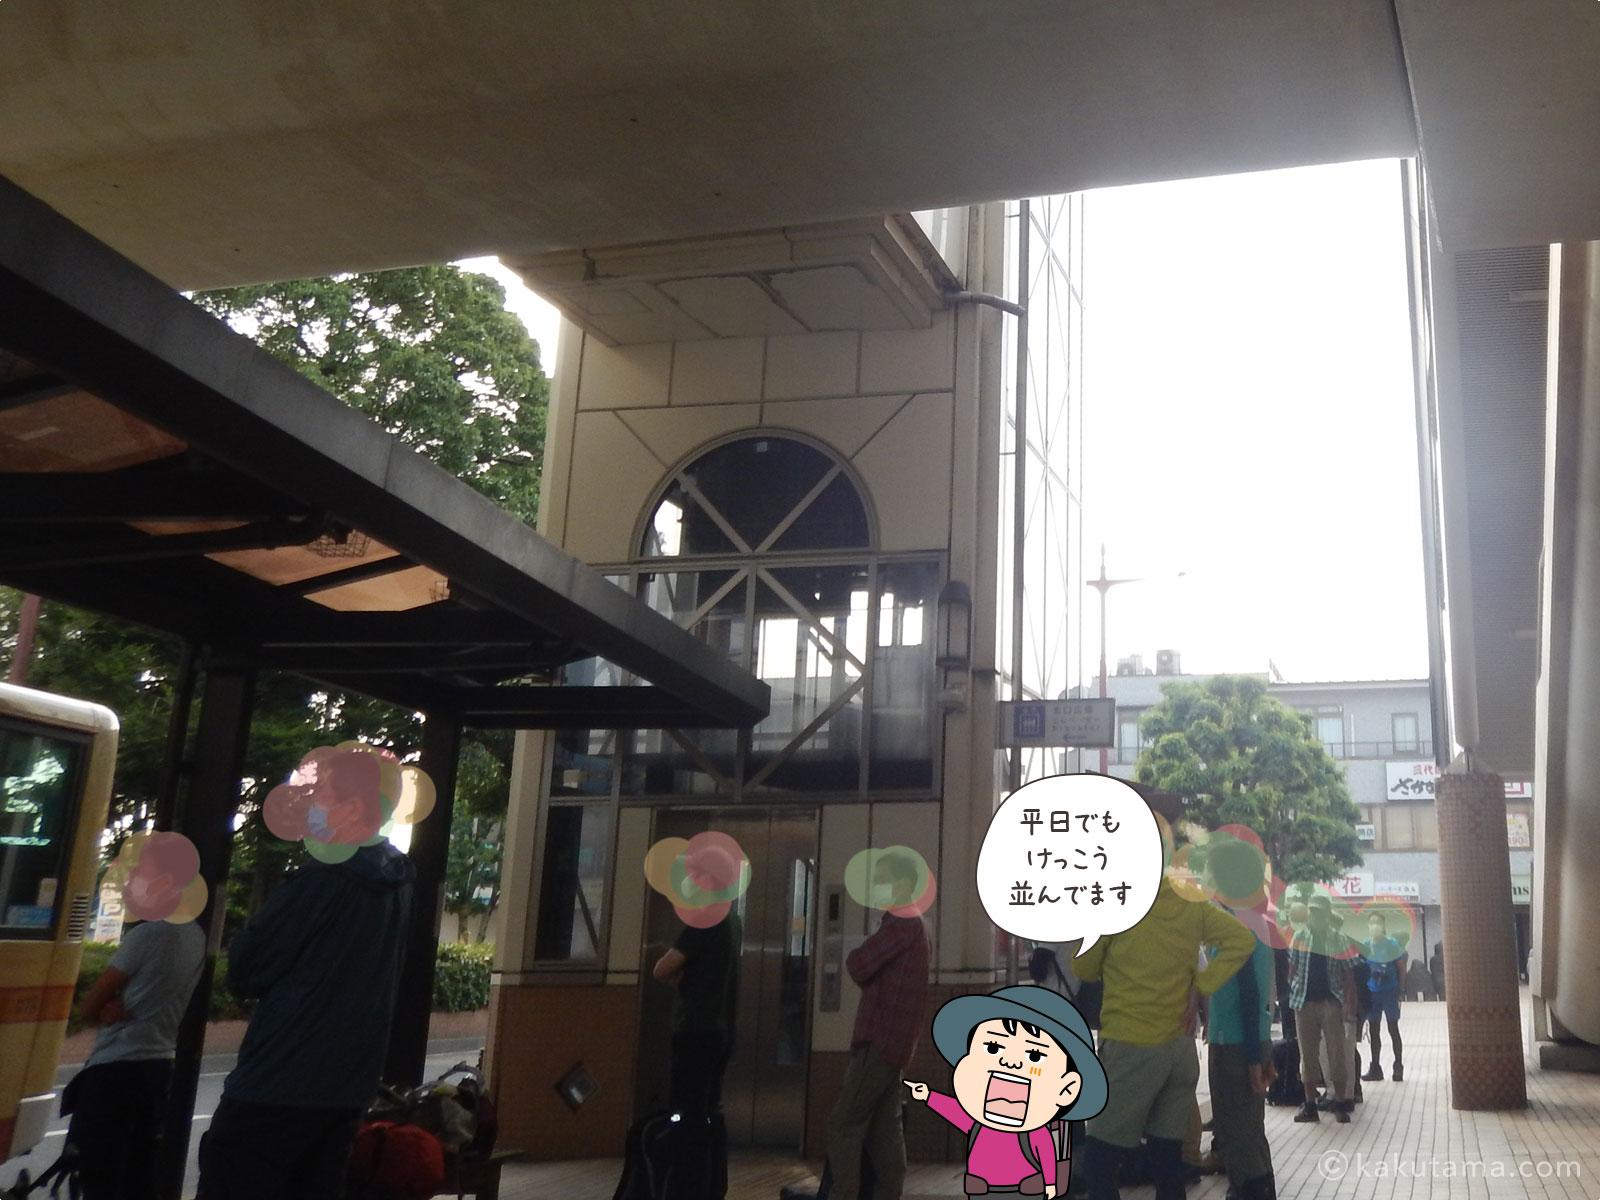 渋沢駅大倉バス停行きのバス